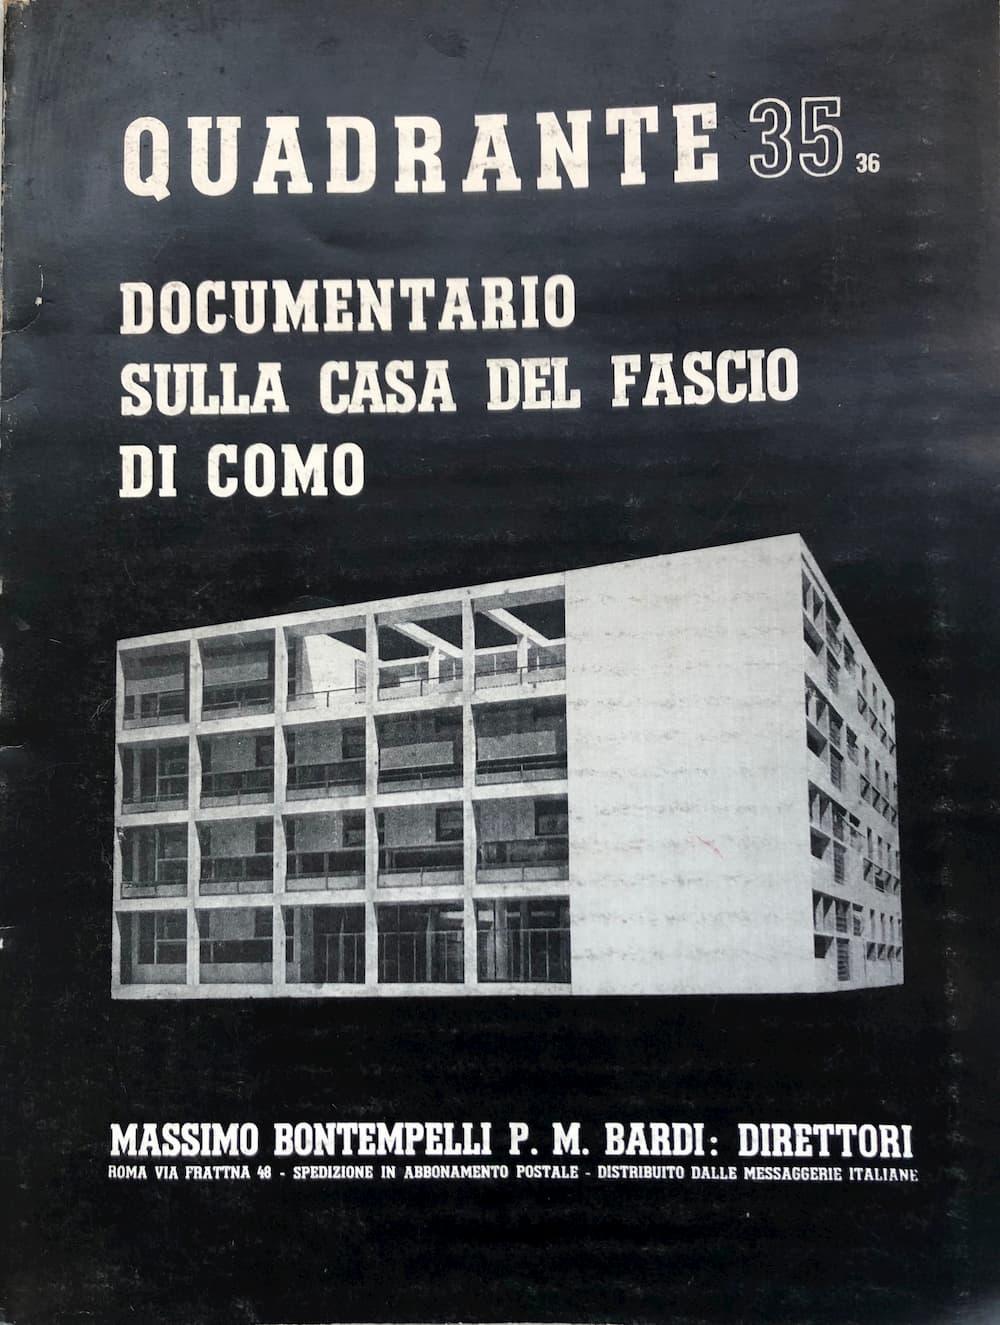 当時29歳のテラーニも創刊に関わった建築雑誌『クアドランテ(Quandrante)』